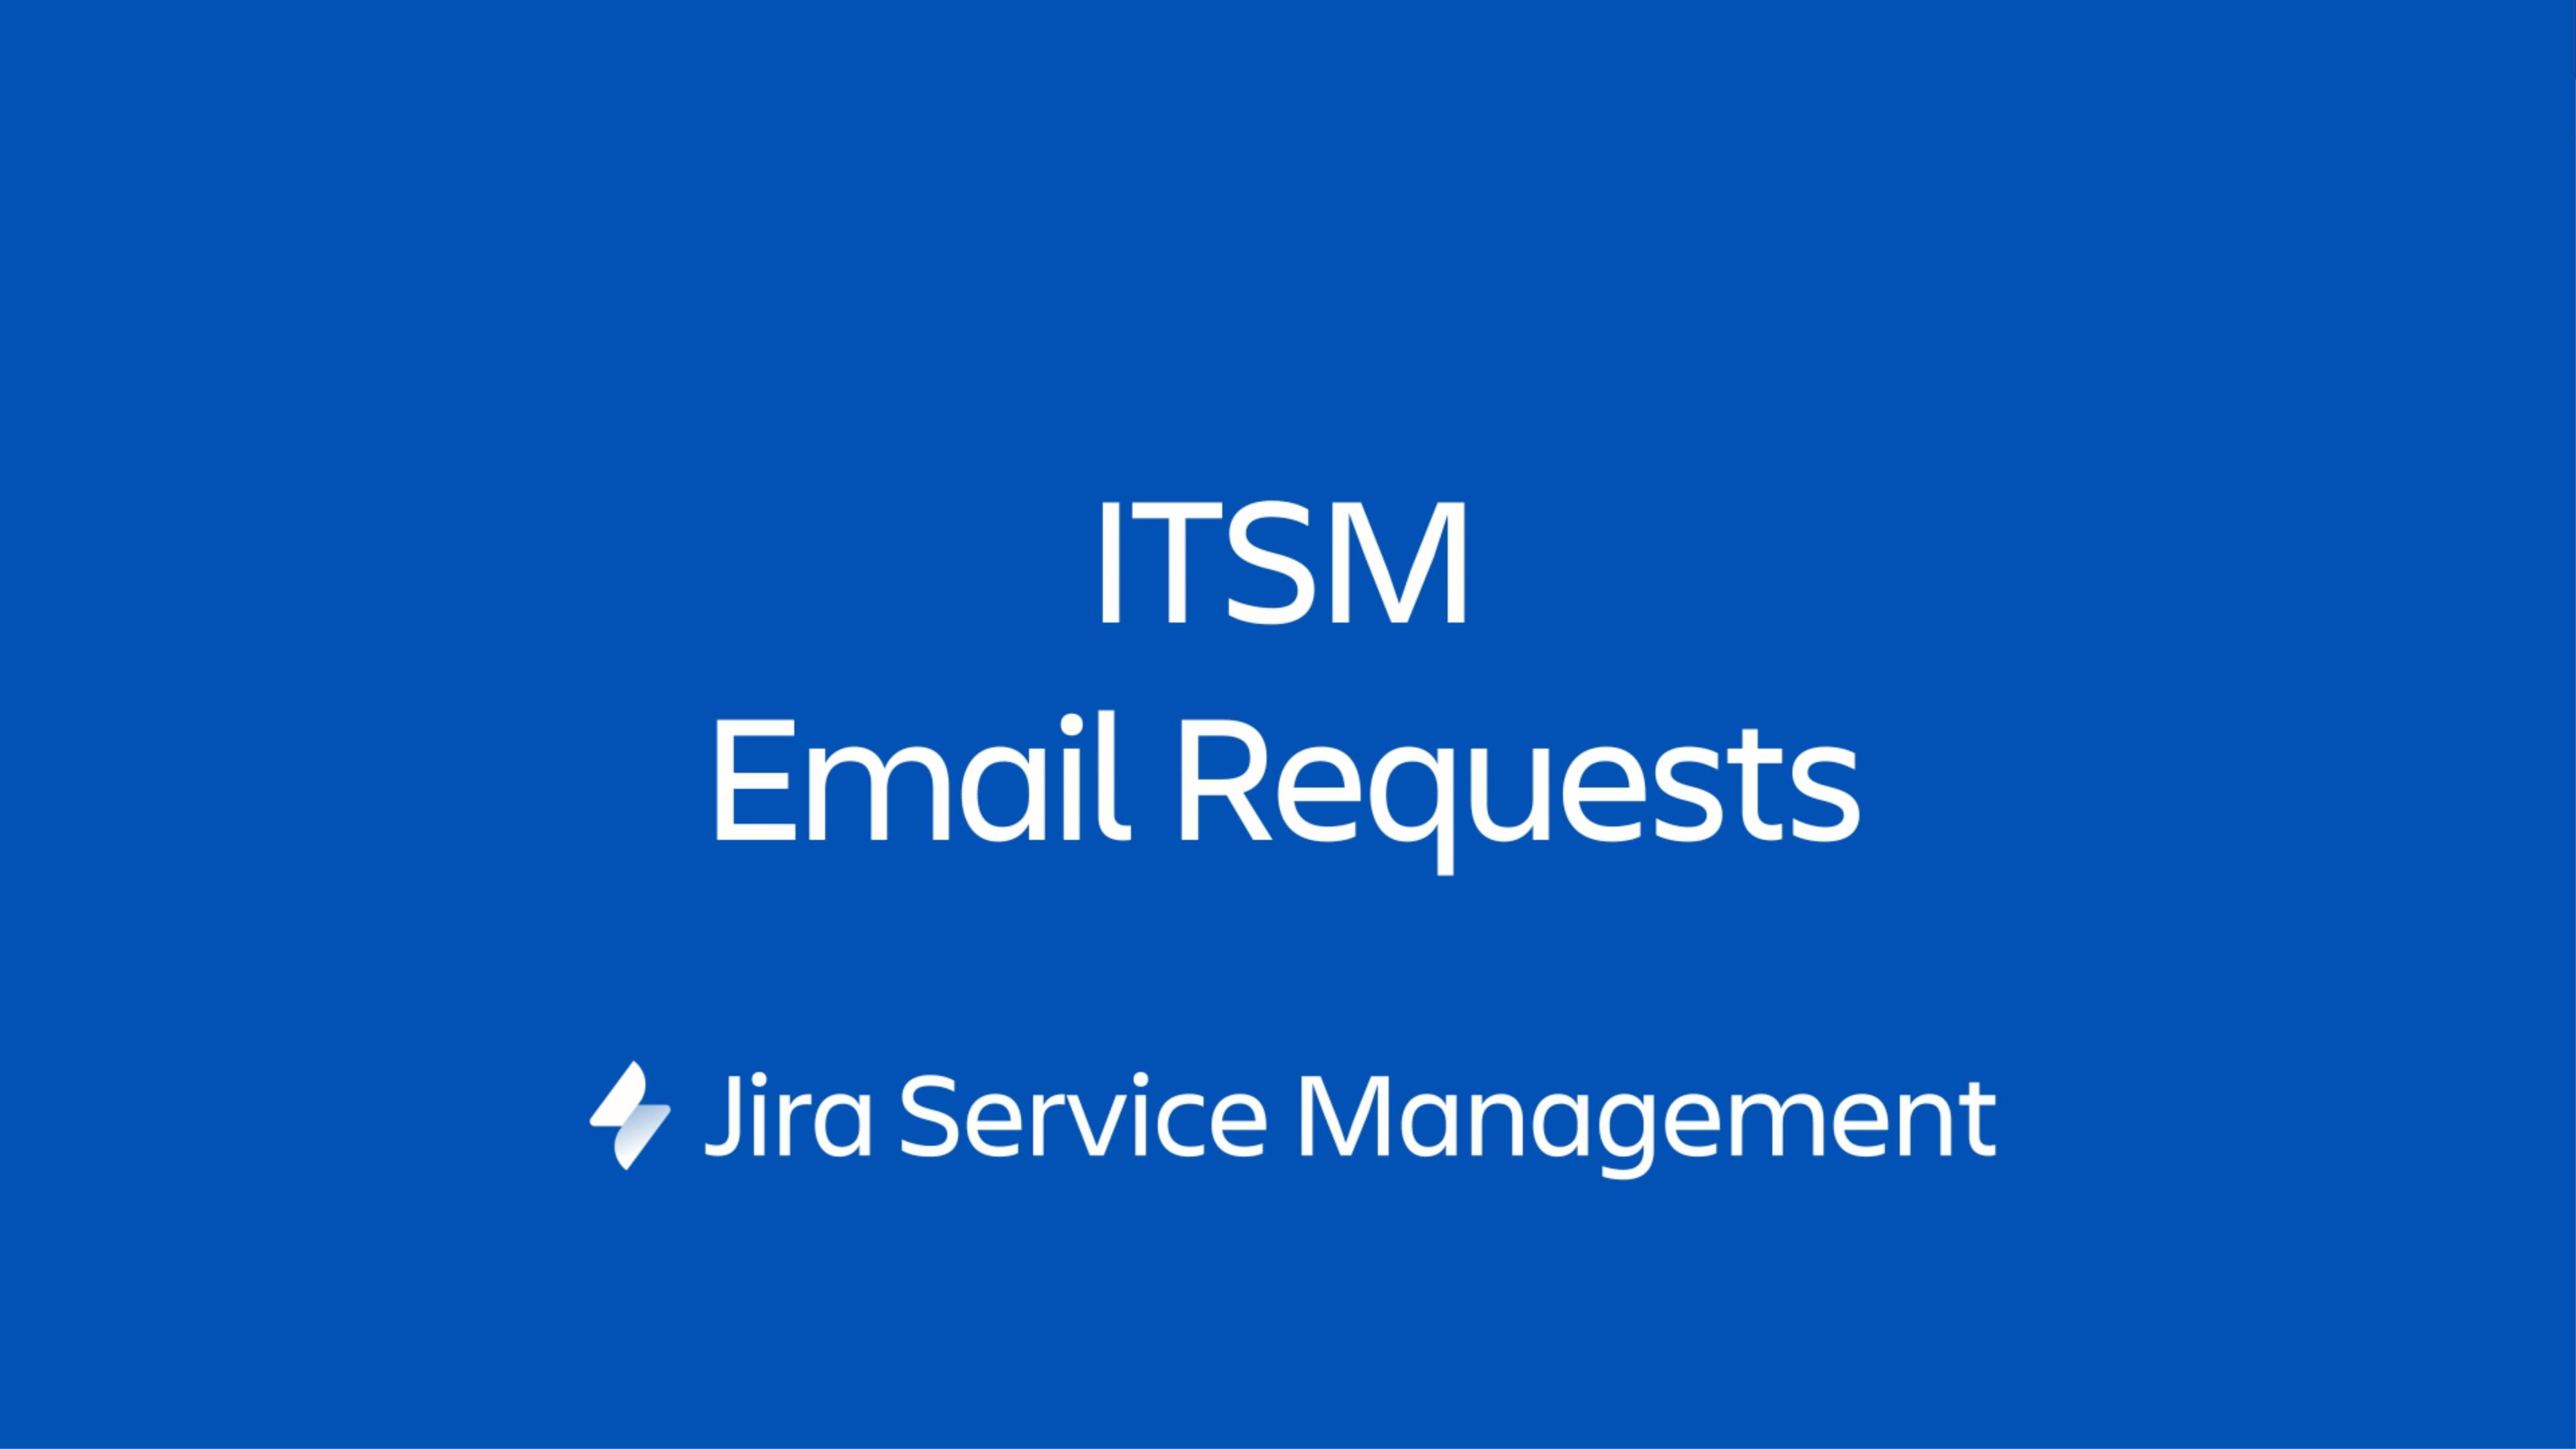 Richieste ITSM via e-mail in Jira Service Management